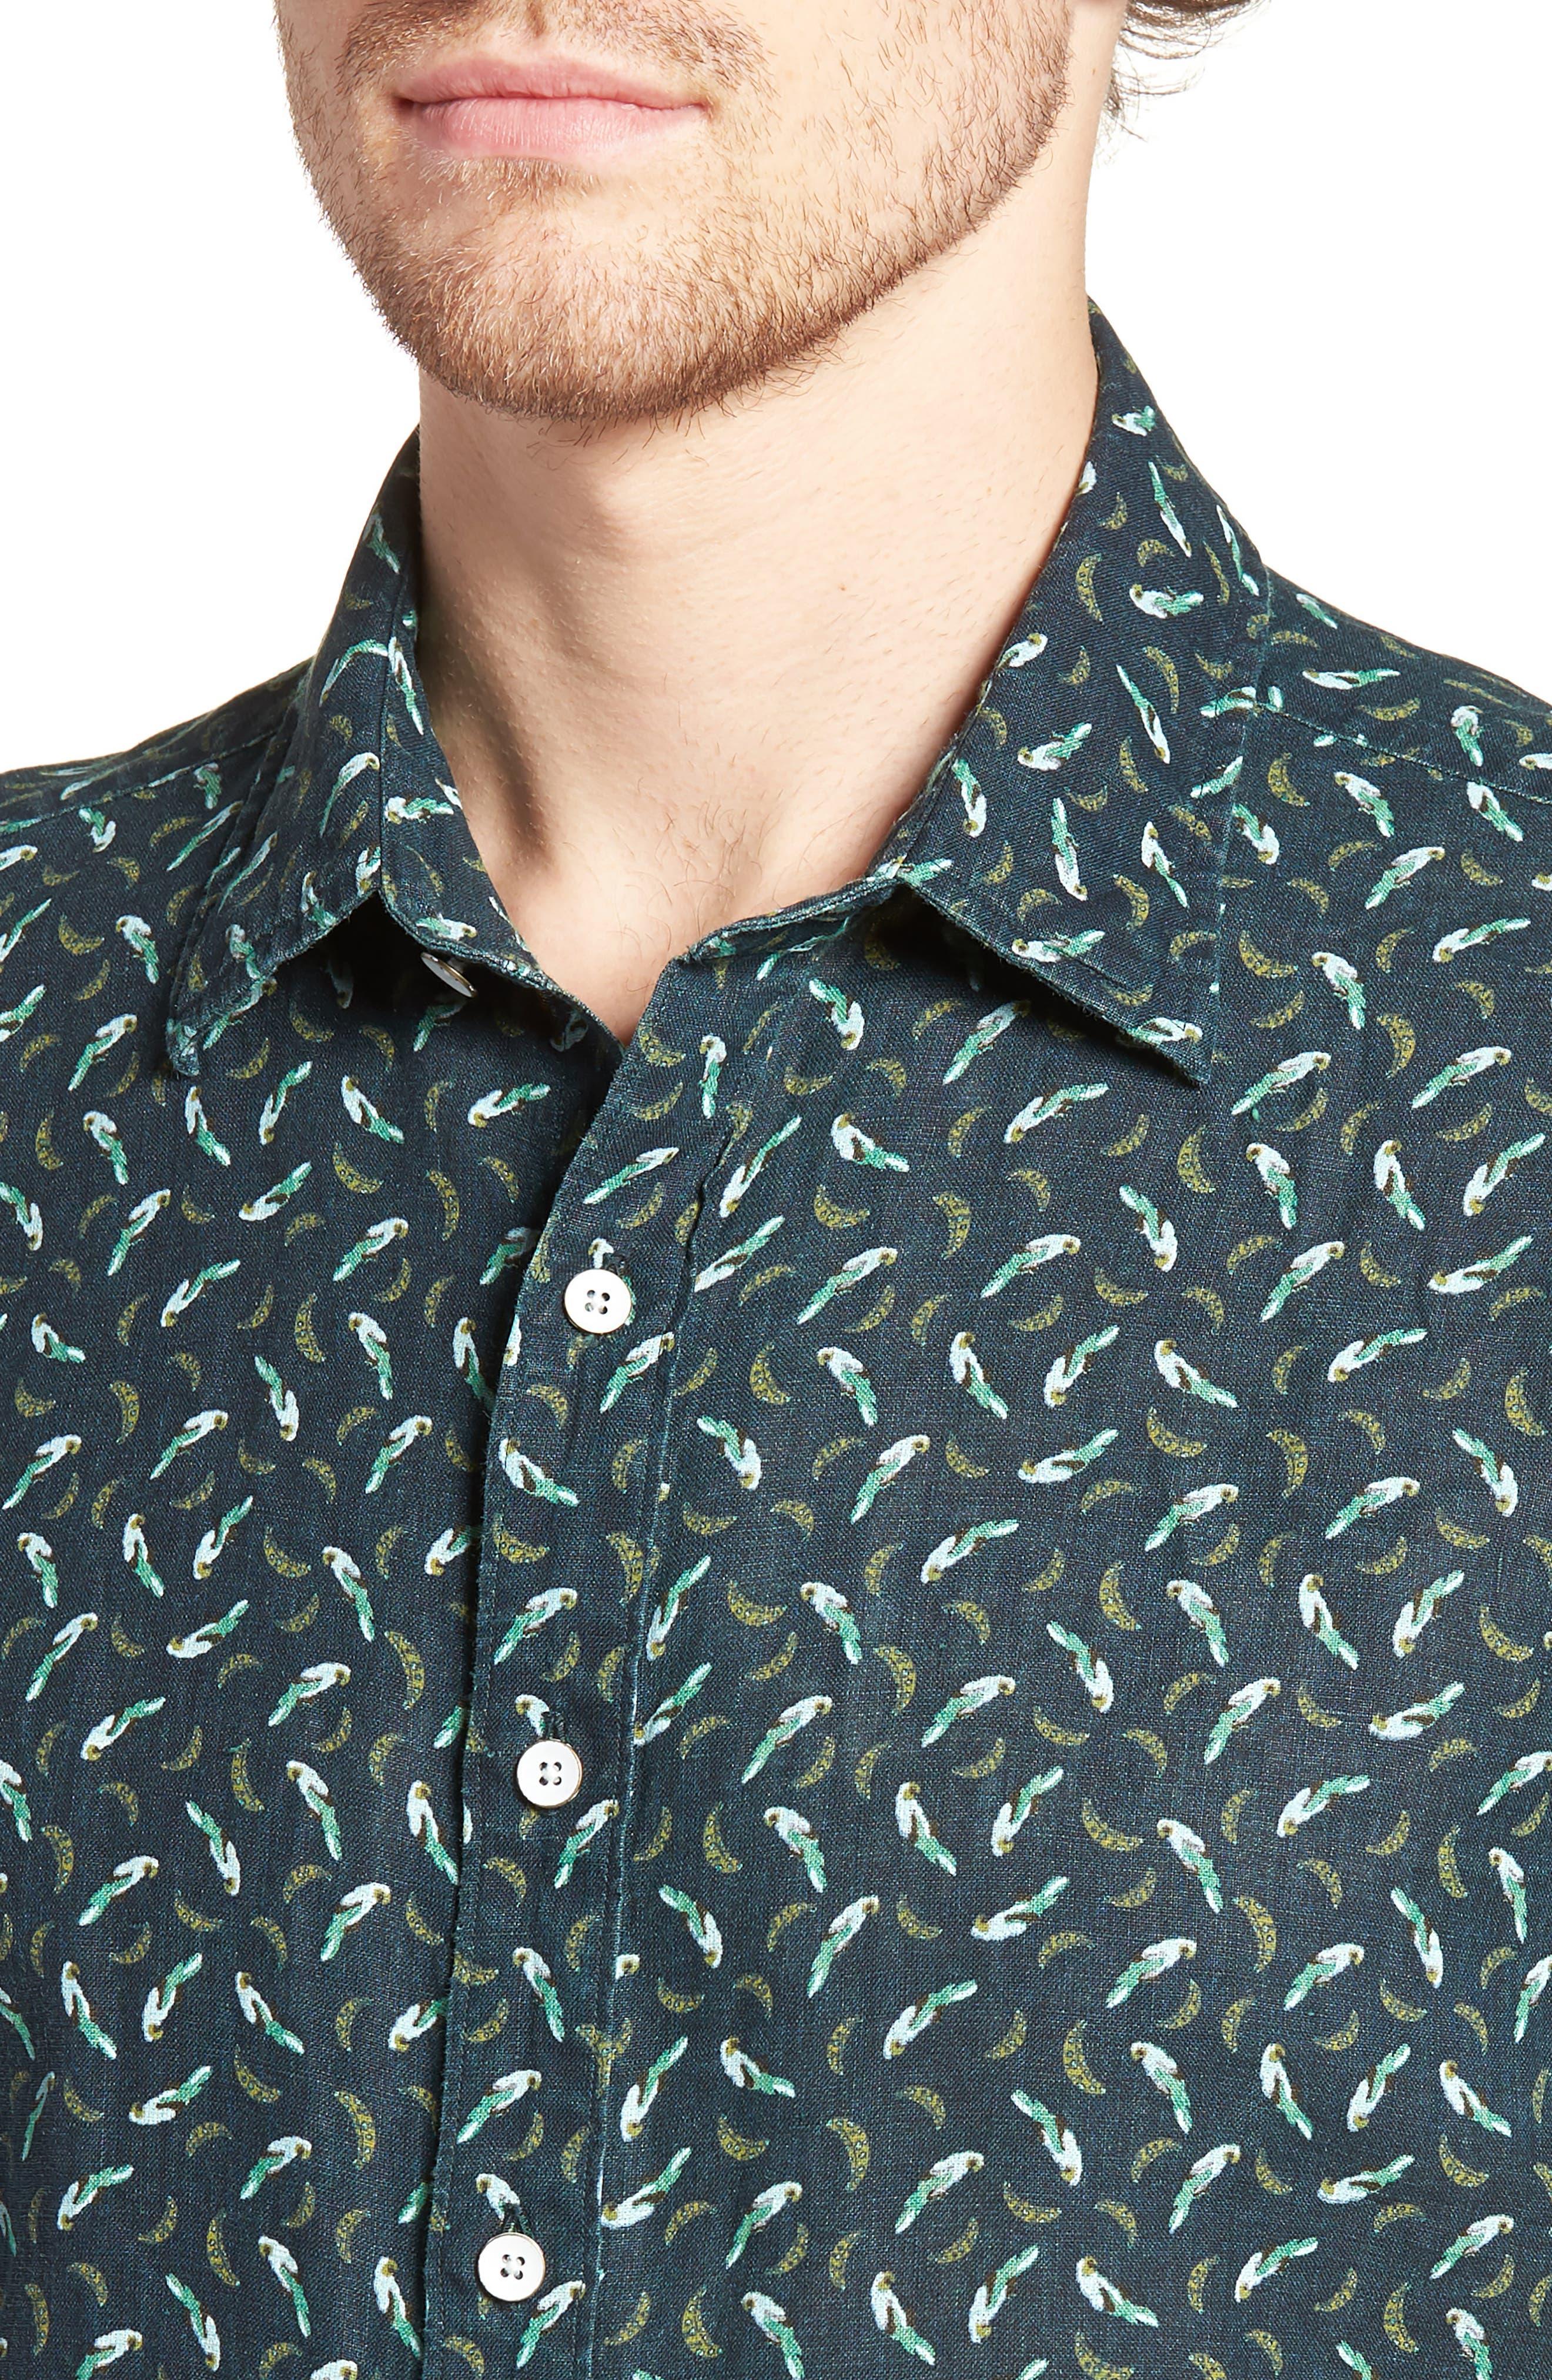 Rivas Avenue Linen Sport Shirt,                             Alternate thumbnail 4, color,                             FOREST